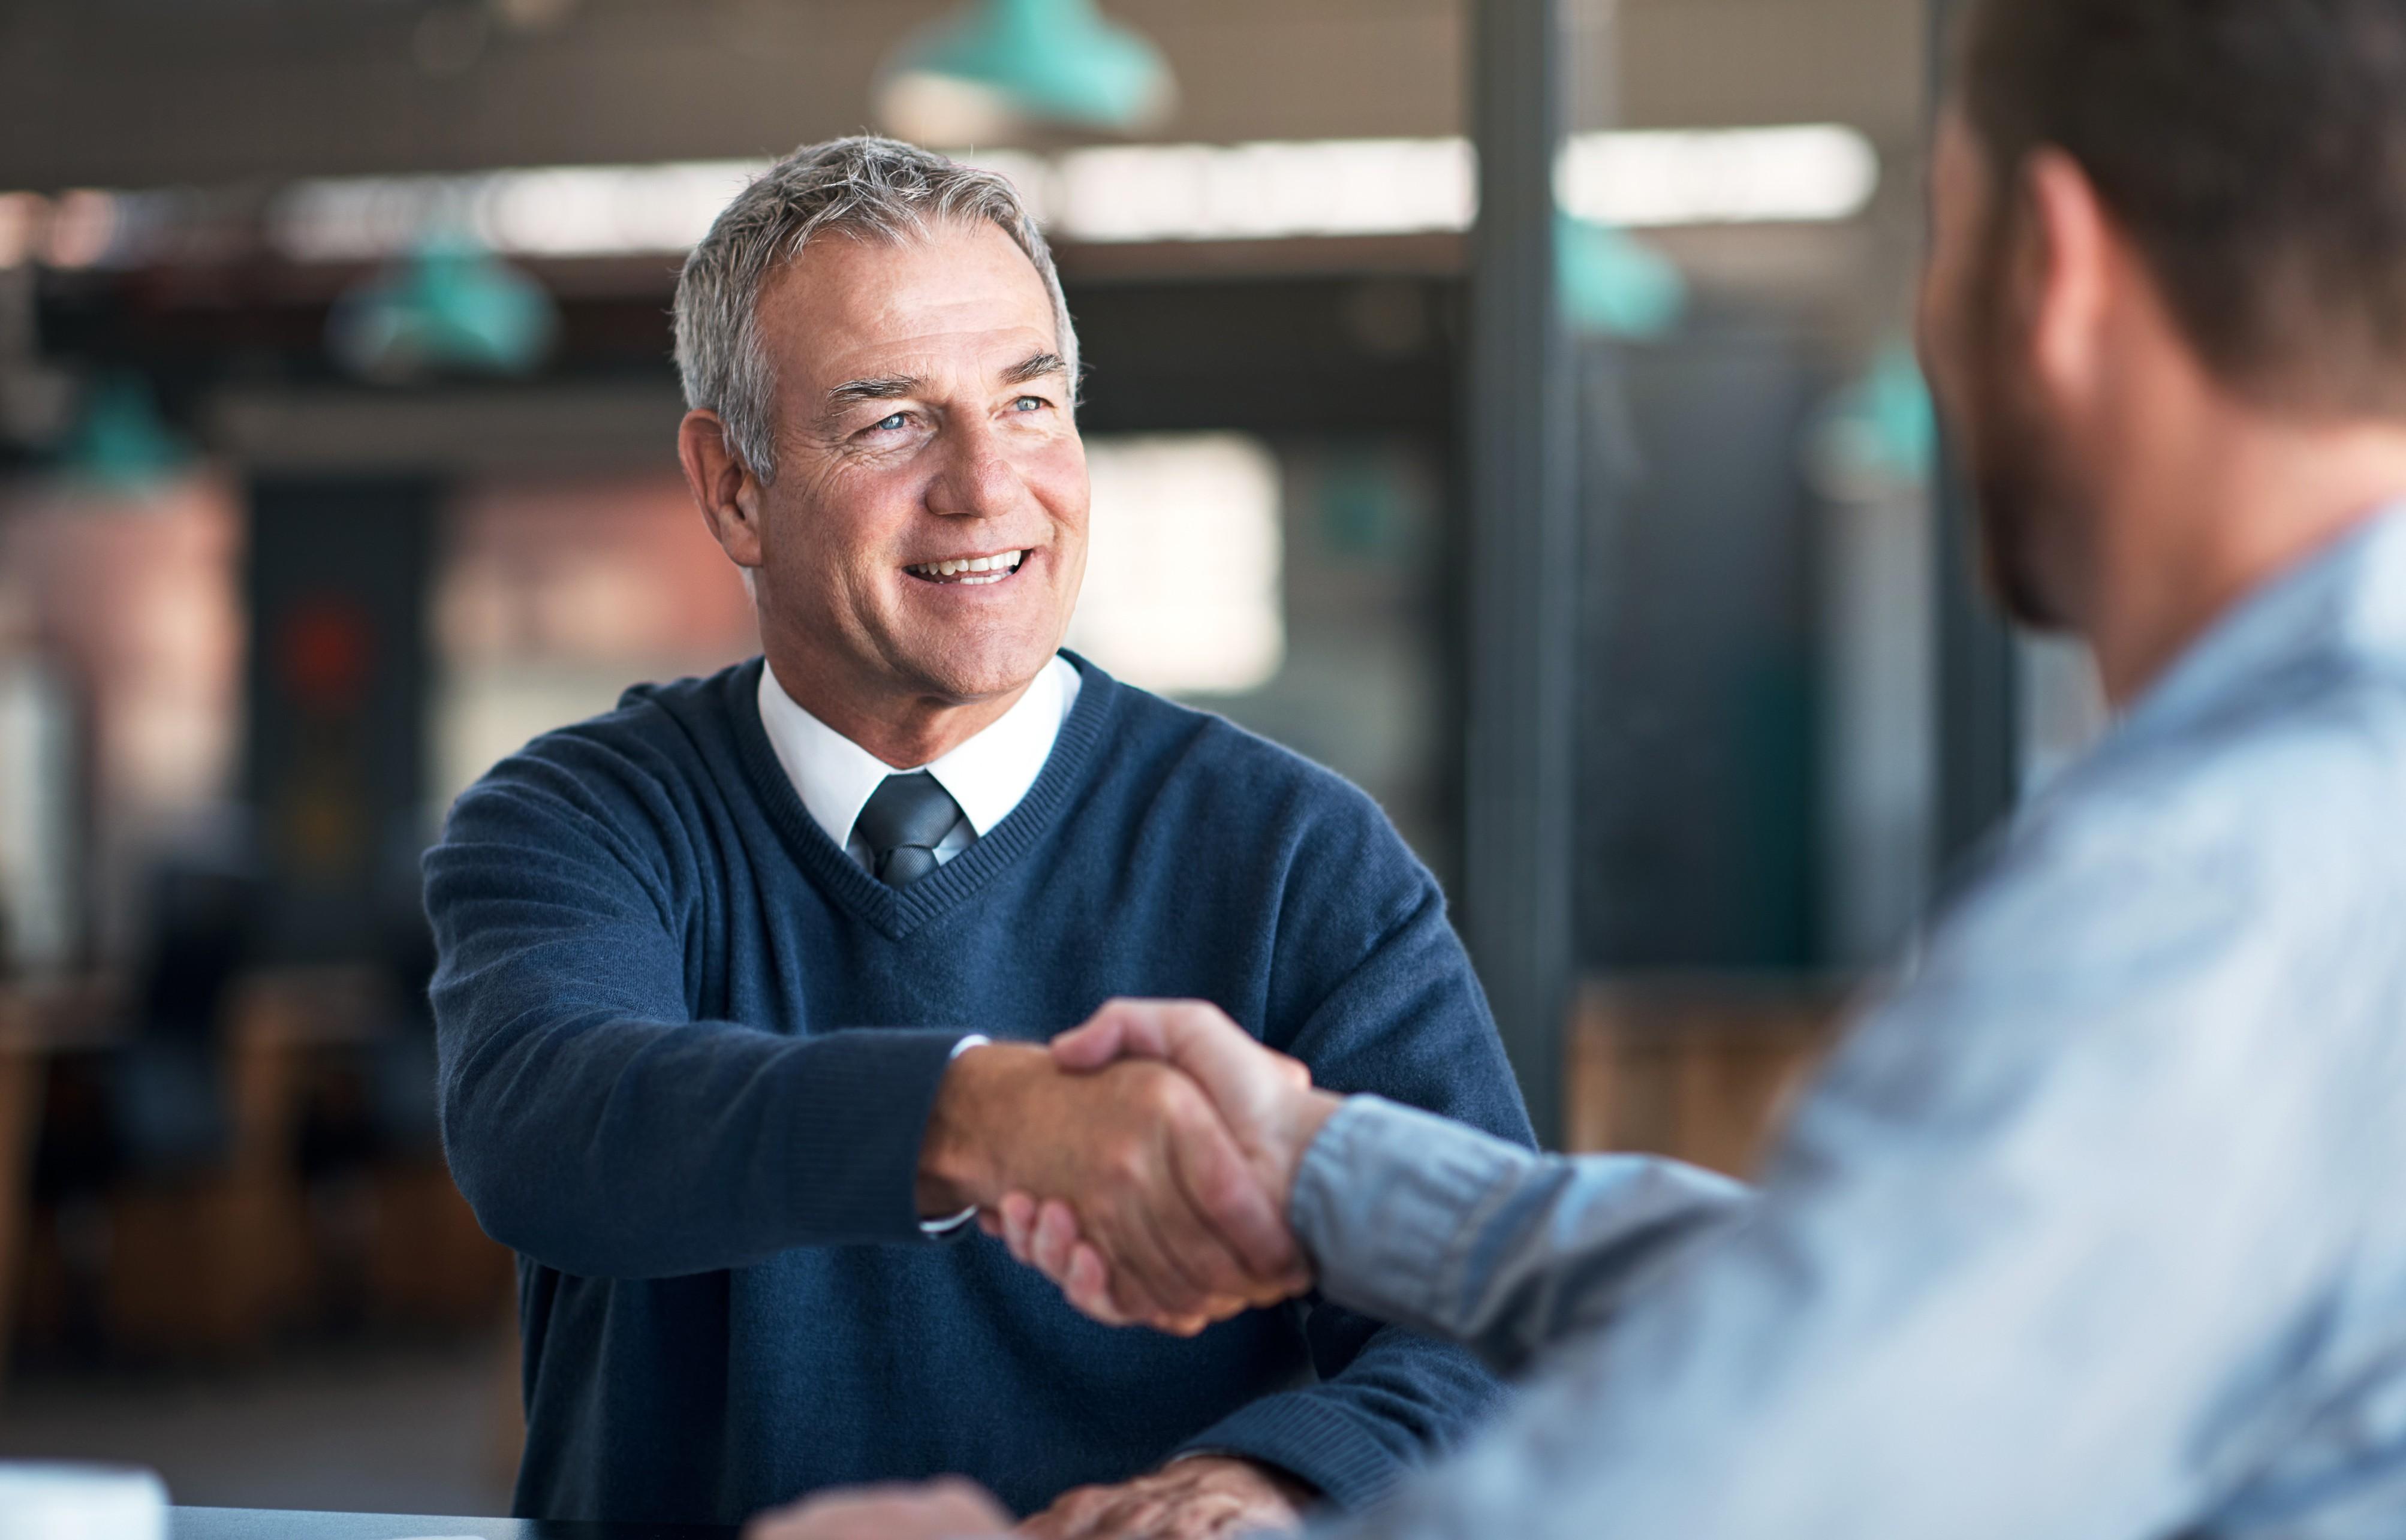 businessperson-shaking-hands